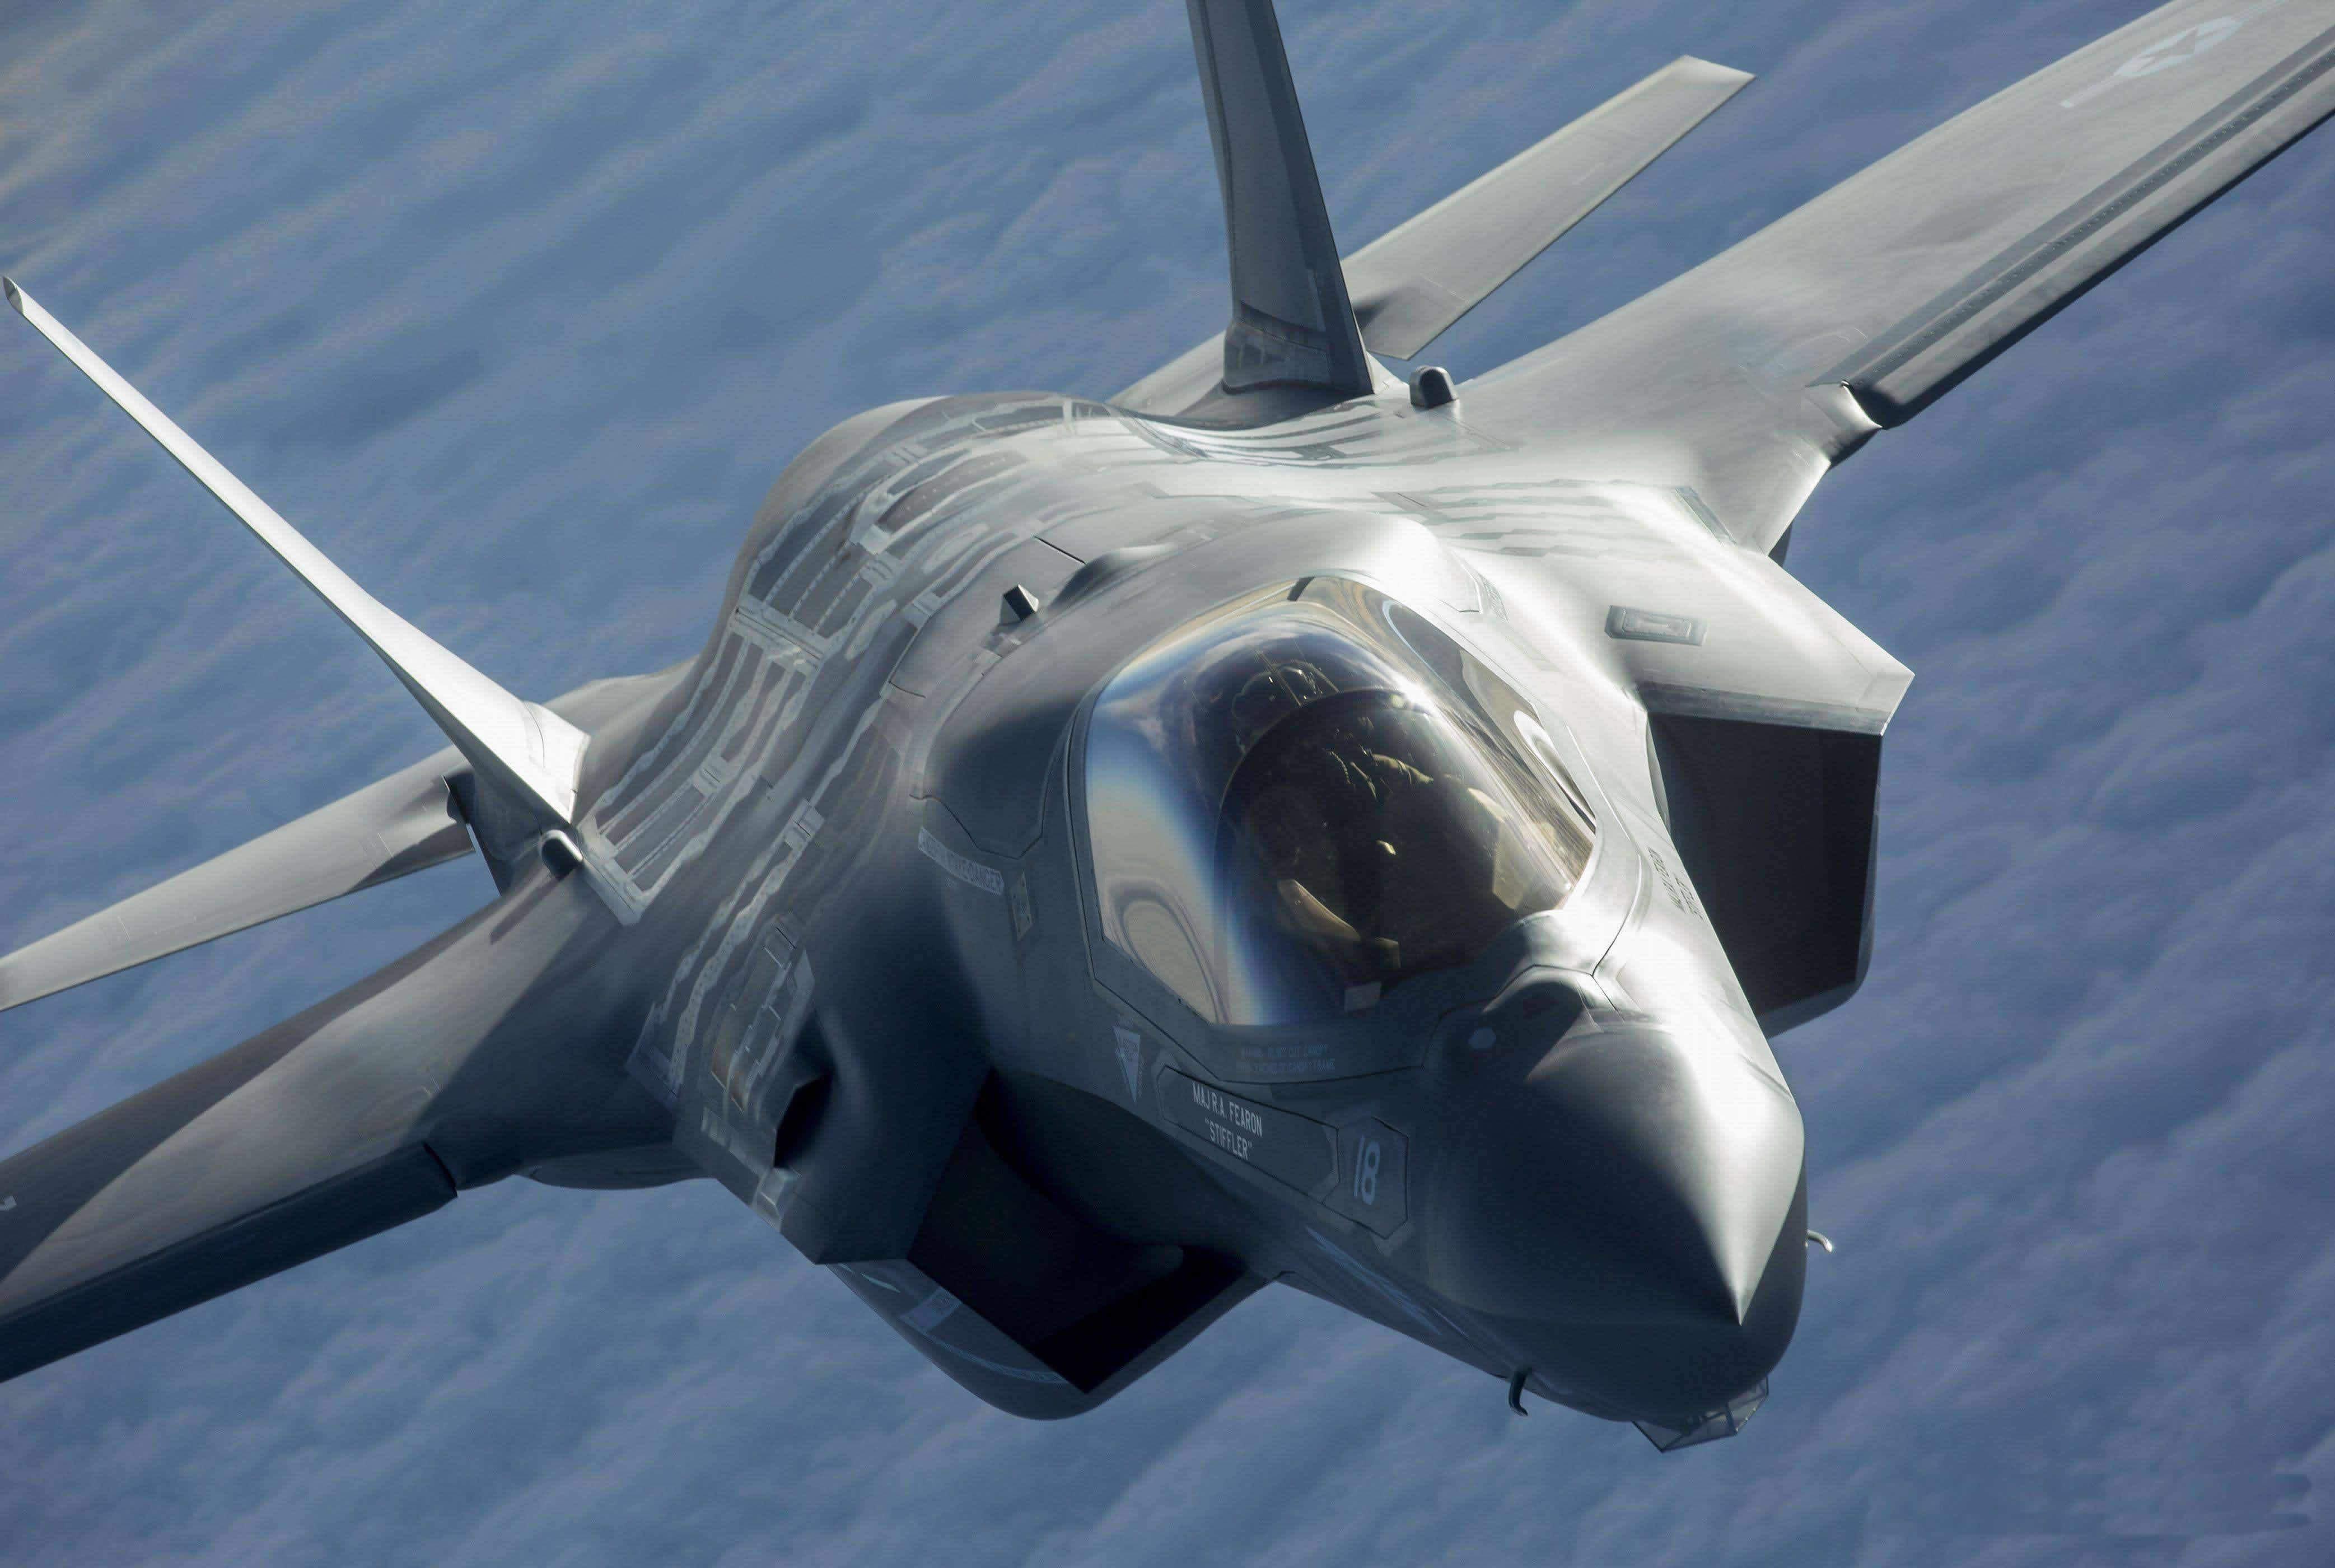 原创 8000多万美金的F-35便宜?真正花钱的还在后头